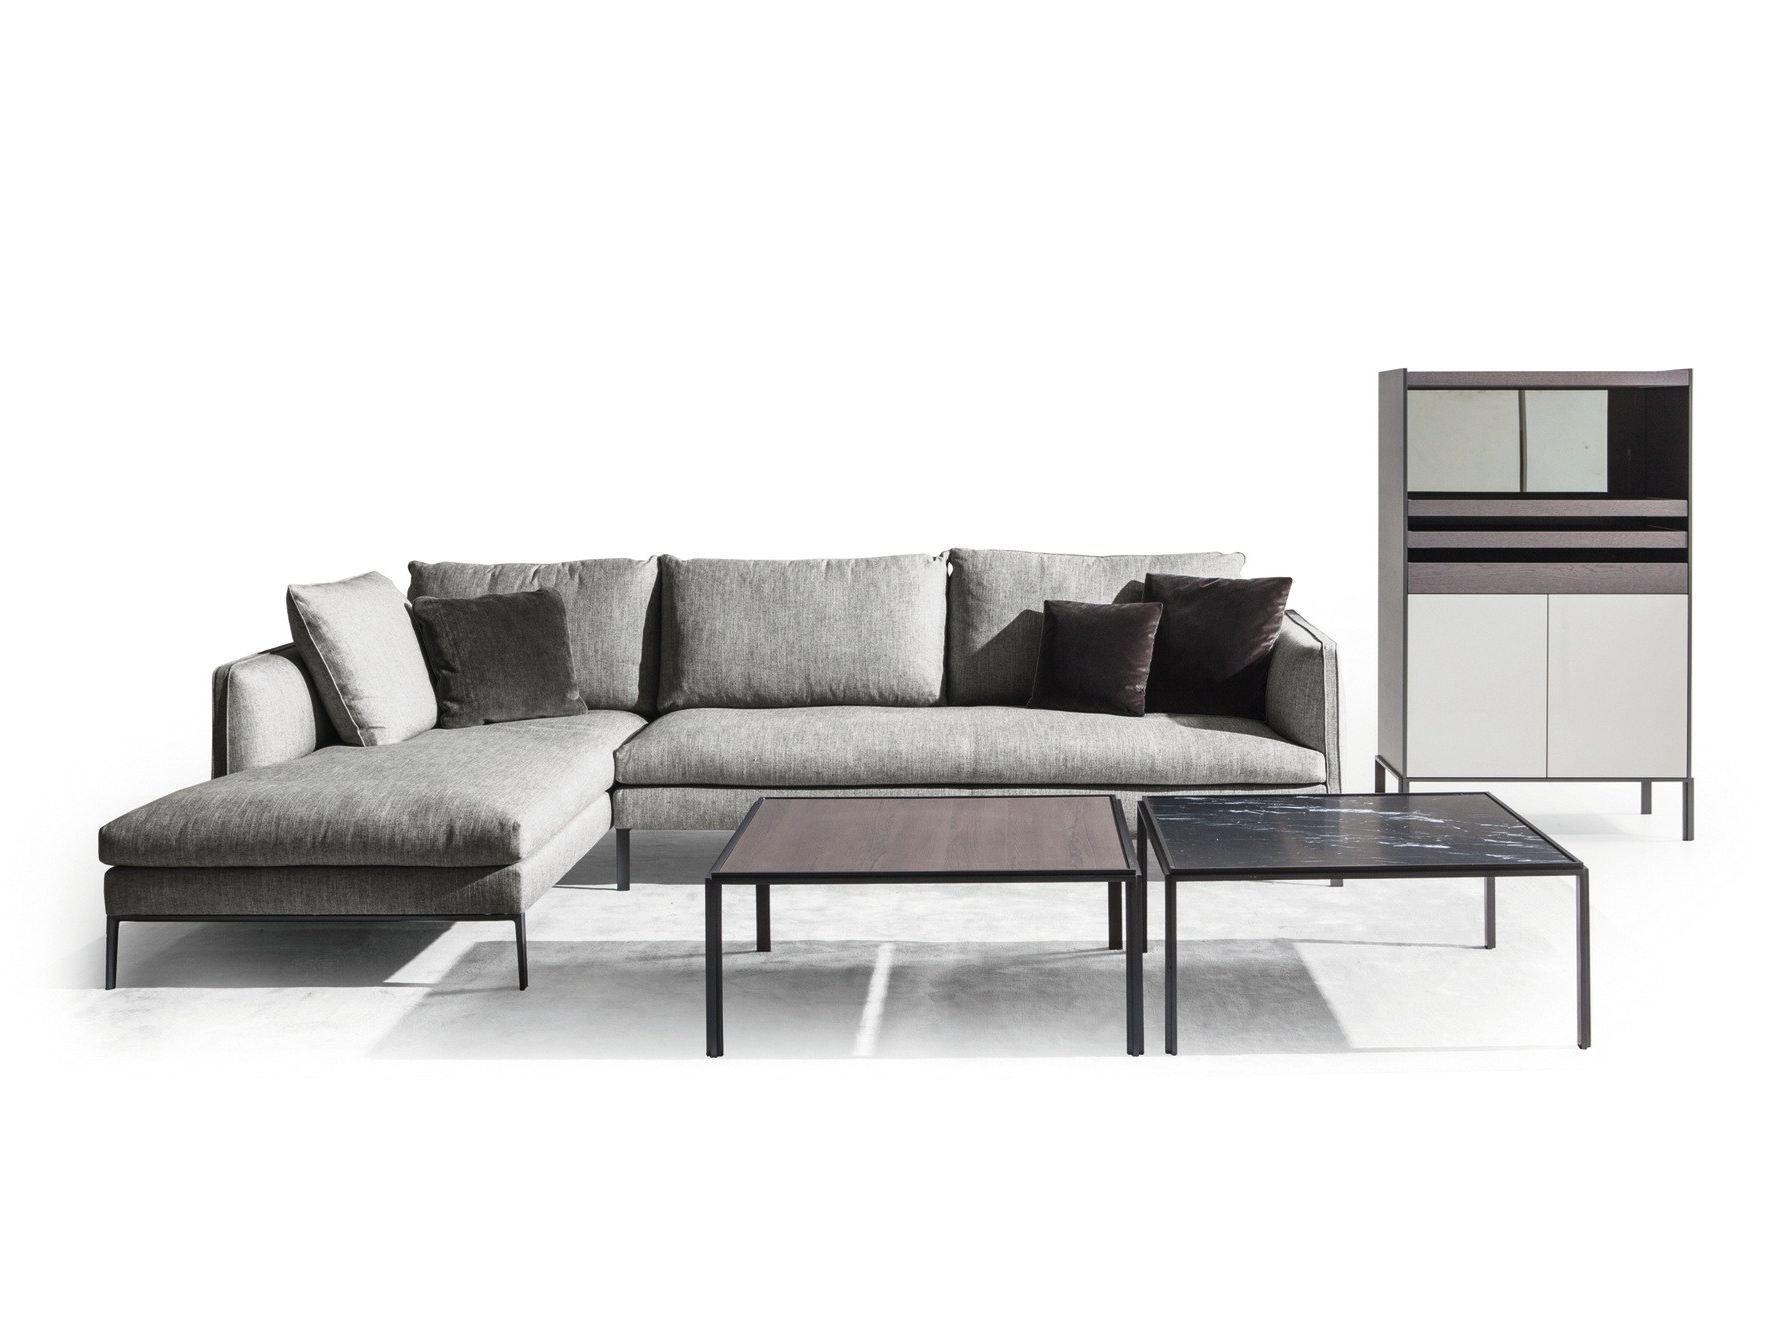 PAUL Sofa with chaise longue by MOLTENI & C design Vincent Van